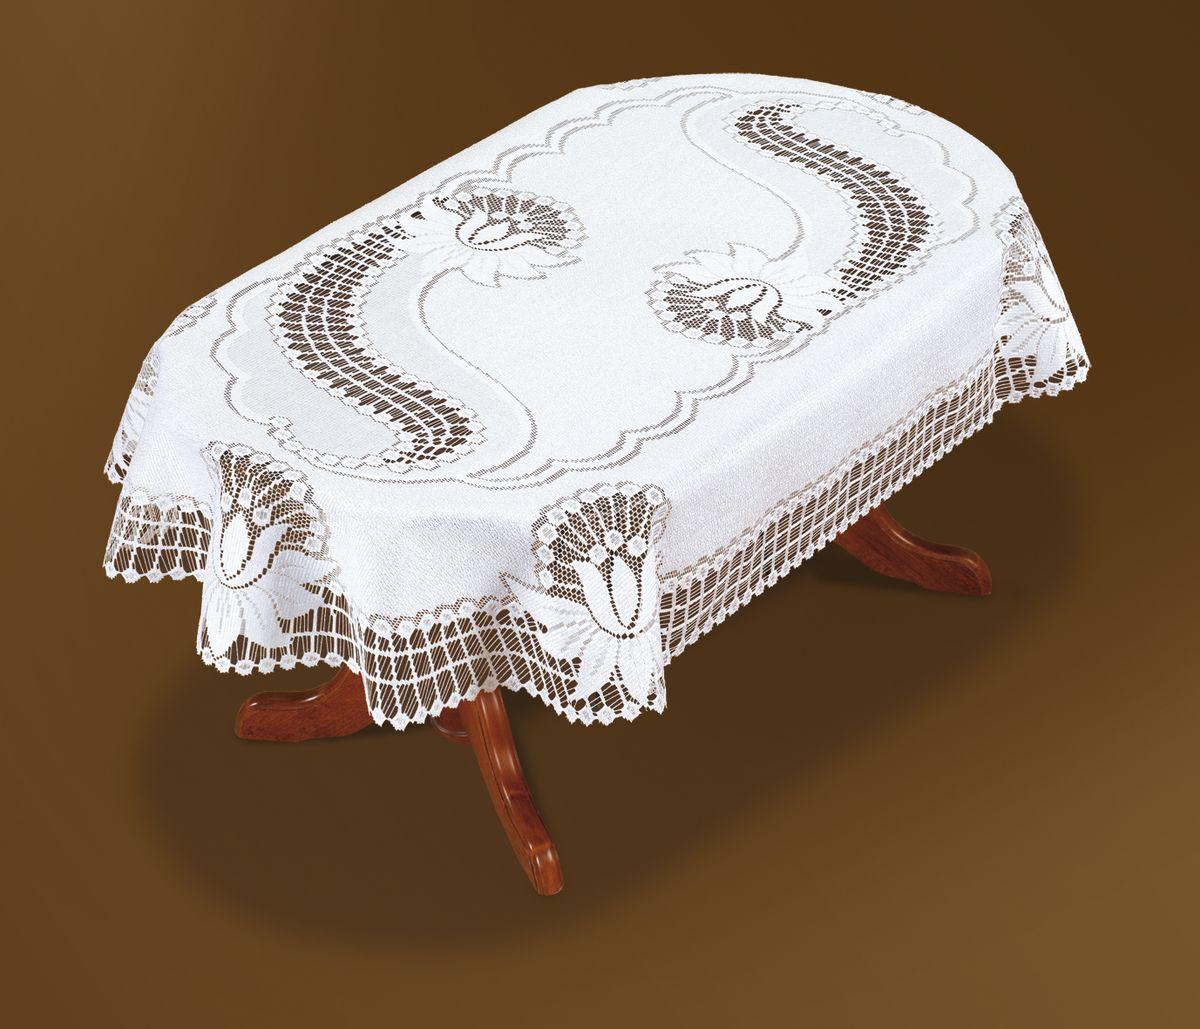 Скатерть Haft, овальная, цвет: белый, 170 x 110 см. 46081-11046081-110Великолепная овальная скатерть Haft, выполненная из полиэстера, органично впишется в интерьер любого помещения, а оригинальный дизайн удовлетворит даже самый изысканный вкус. Скатерть изготовлена из сетчатого материала с ажурным рисунком. Края скатерти закруглены. Скатерть Haft создаст праздничное настроение и станет прекрасным дополнением интерьера гостиной, кухни или столовой.